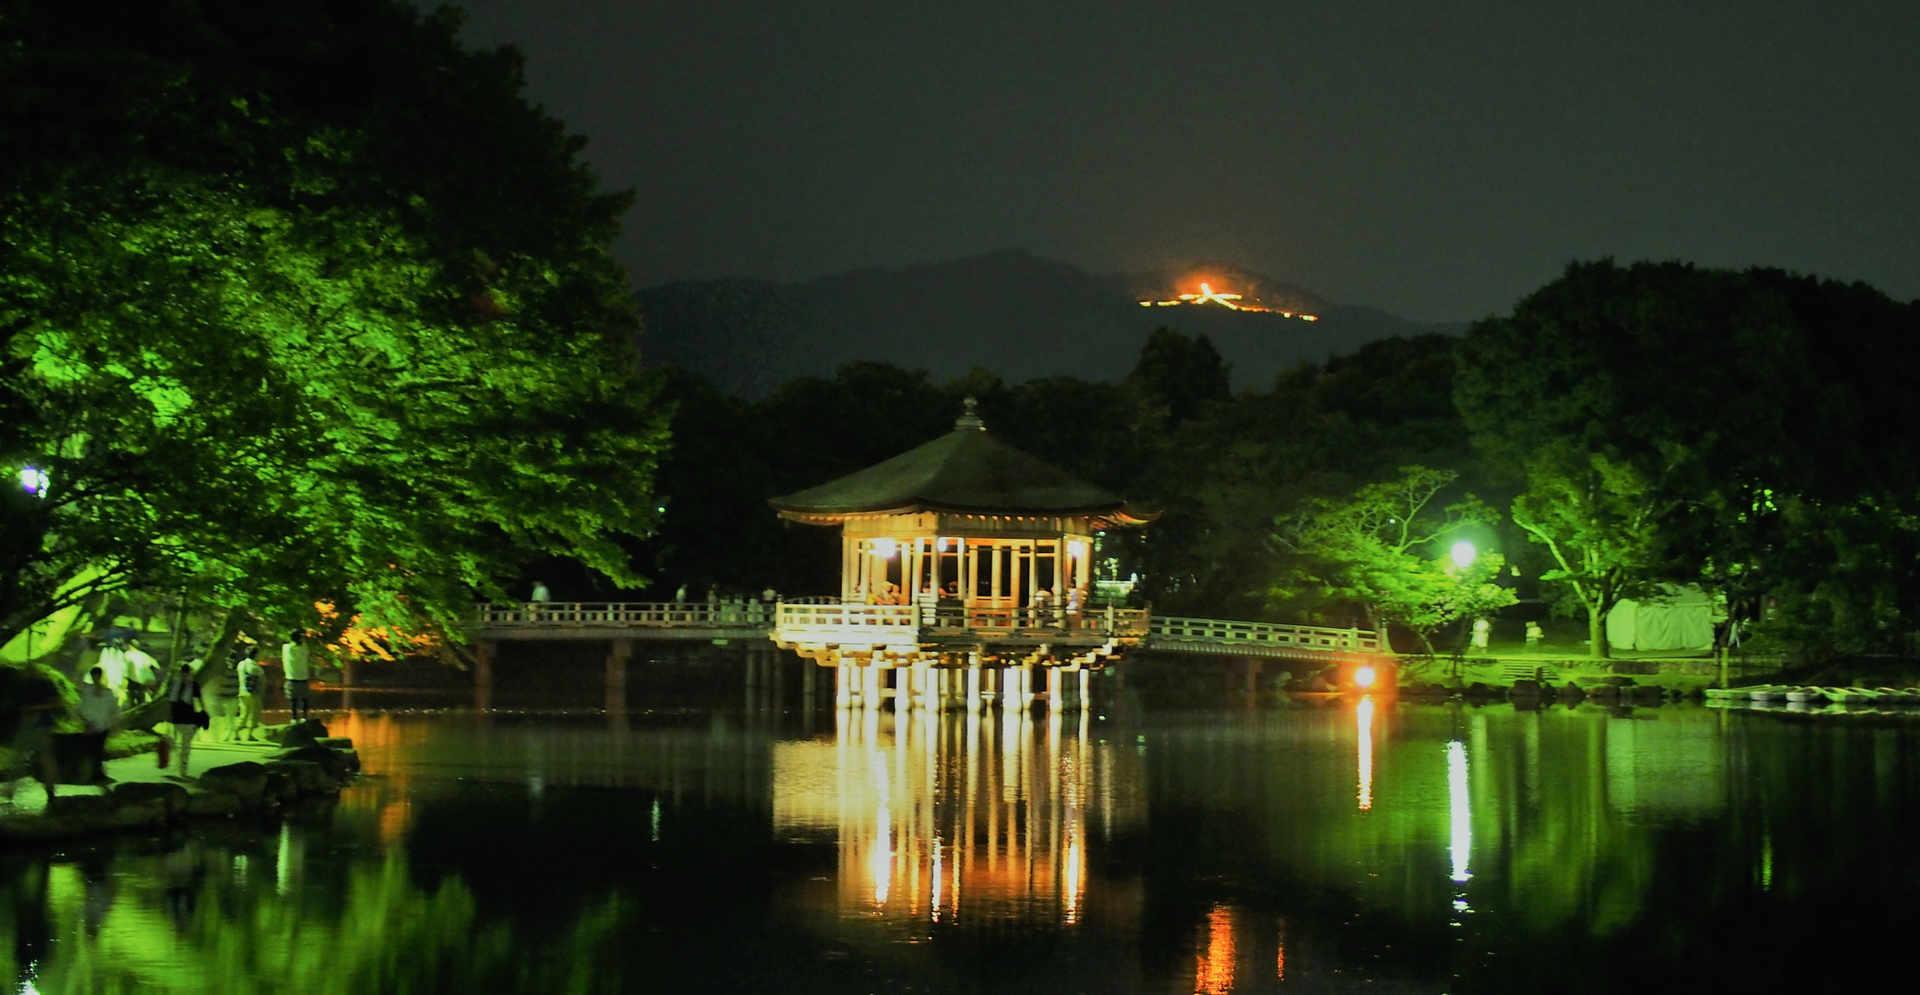 Ukimido with Daimonji Fire/浮御堂和大文字神火